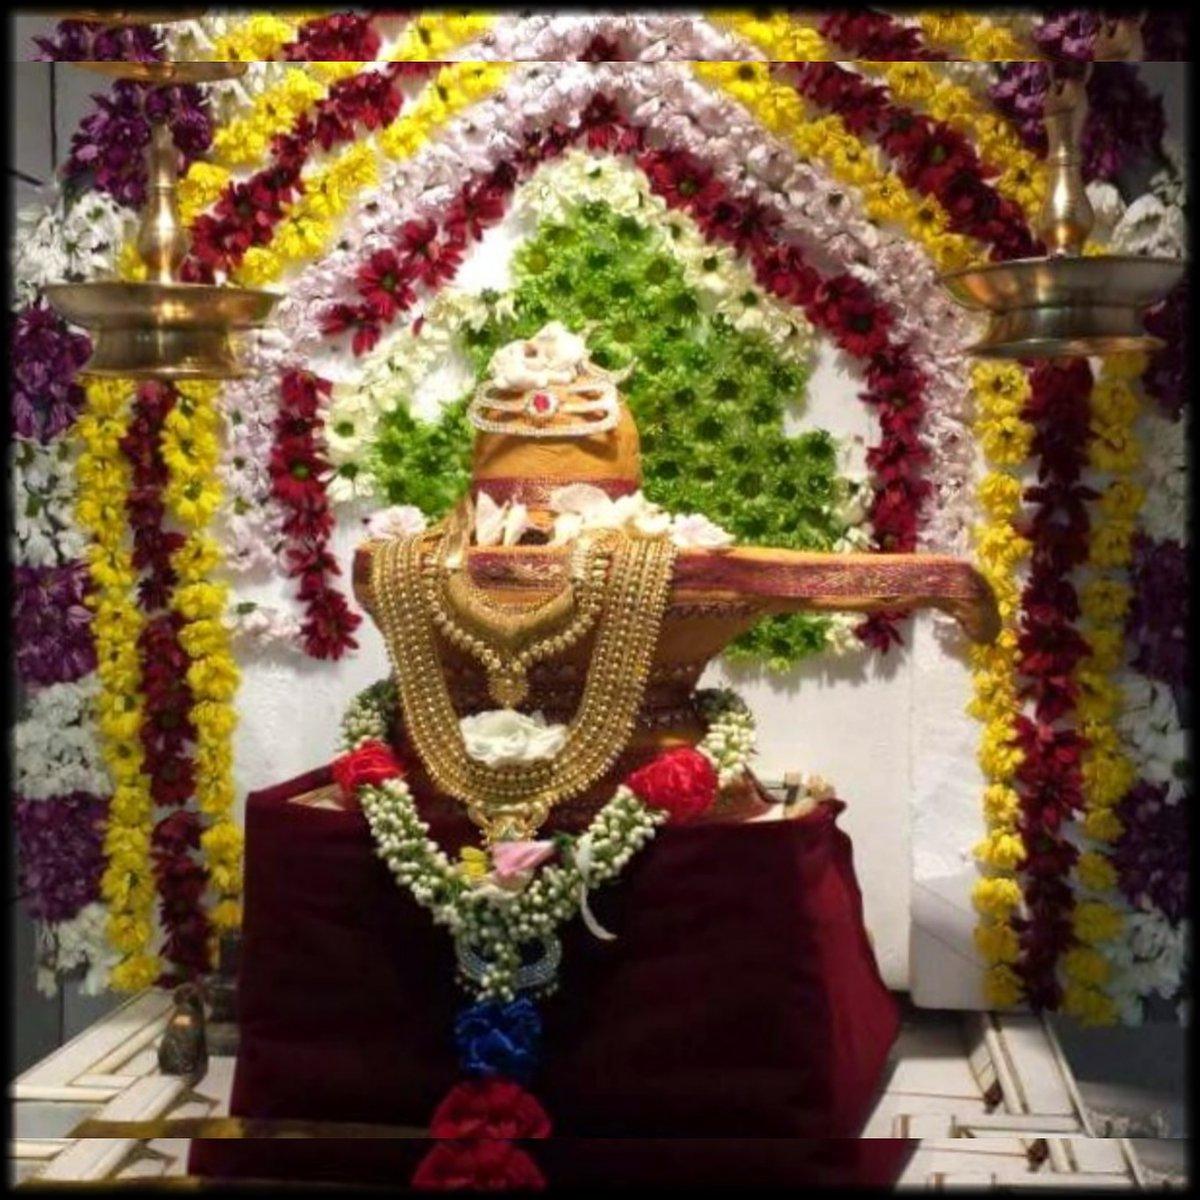 எப்பொருளுங் கனவென்றே  தும்பீ பற! உலகெல்லாம் அழியும் என்றே  தும்பீ பற!  அப்பிலெழுத்துடல் என்றே  தும்பீ பற! என்றும் அழிவில்லாதது ஆதியென்றே  தும்பீ பற!  #ஓம்நமசிவாய🔥 #OmNamaSivaya #ओम_नम_शिवाय #hindu #god #shiva  #lord #eswar #lordshiva #lordshivatemple #tiruvannamalai https://t.co/cuWXrW9TyK